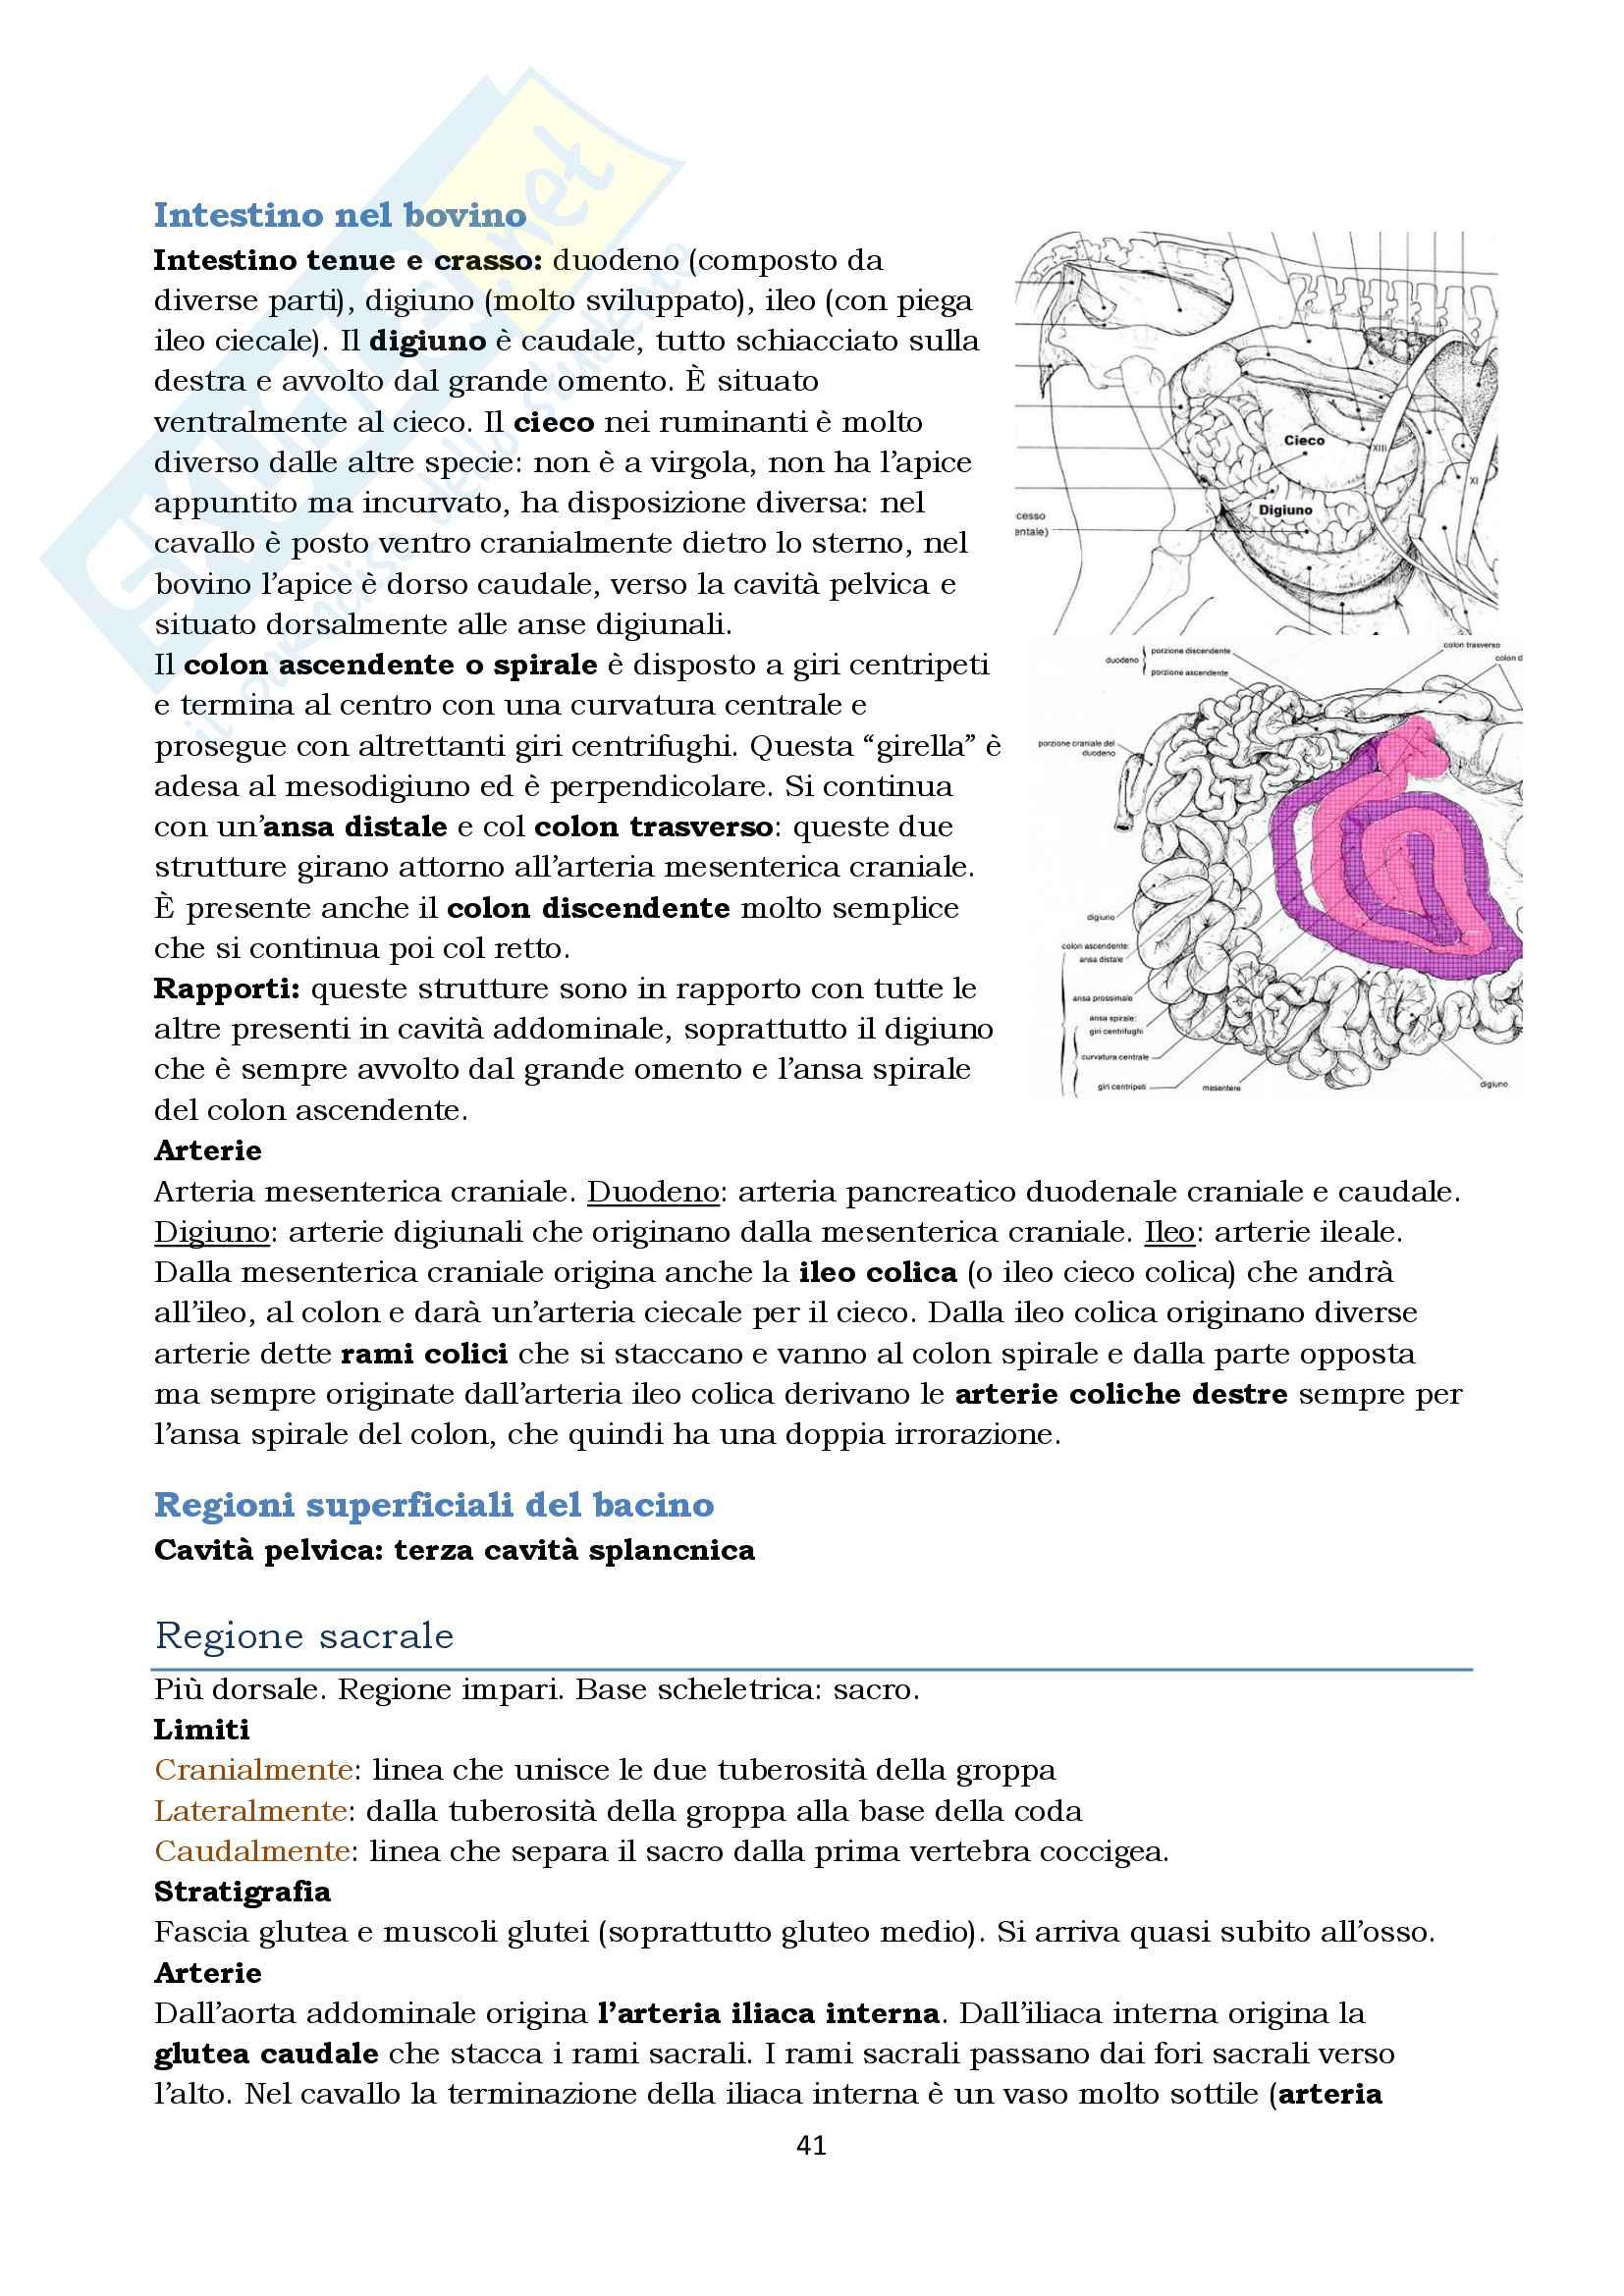 Anatomia topografica veterinaria parte II (piccoli e grandi animali) Pag. 41